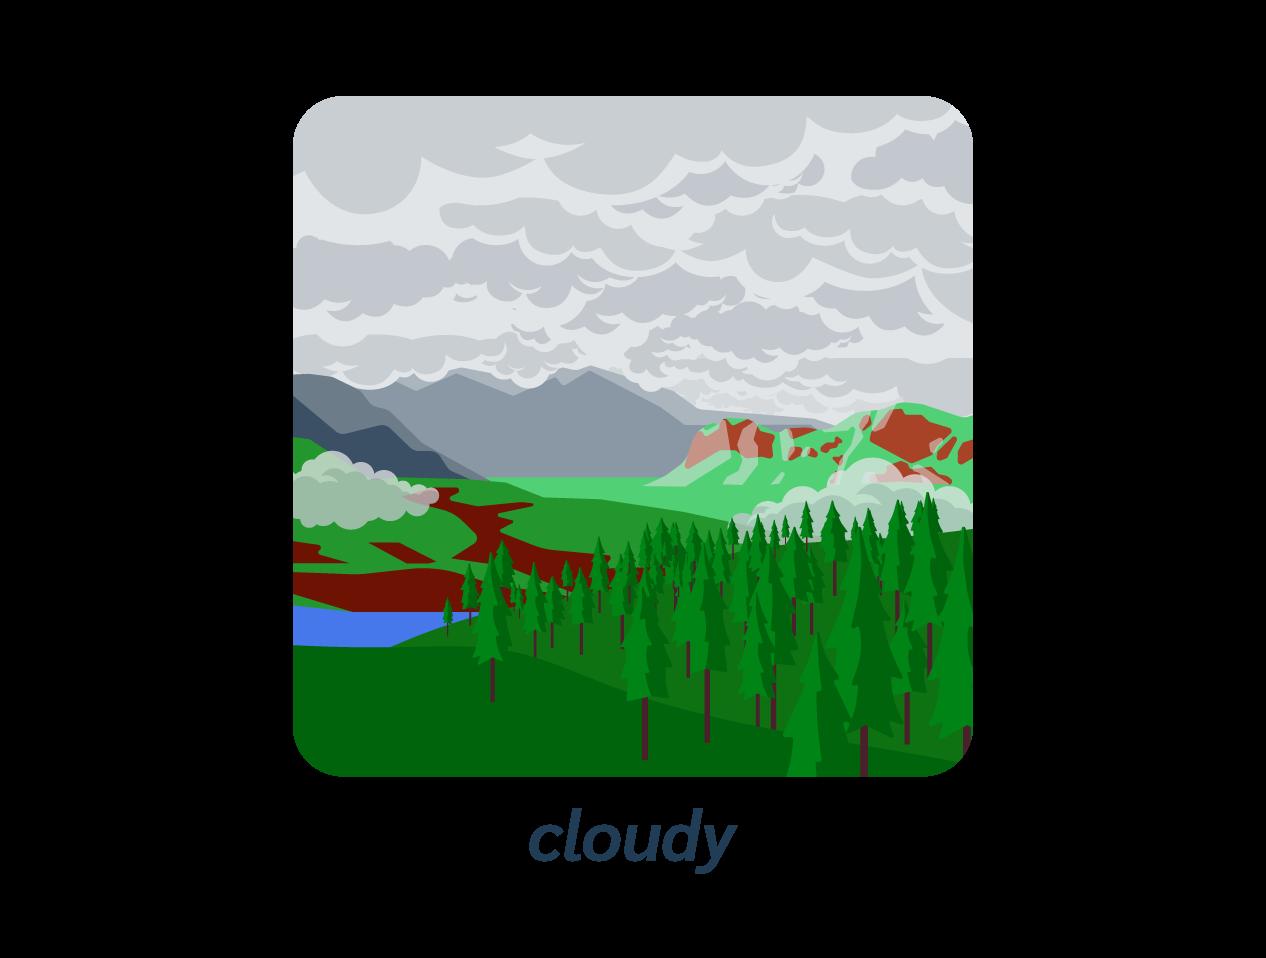 cloudy nuage anglais météo weather